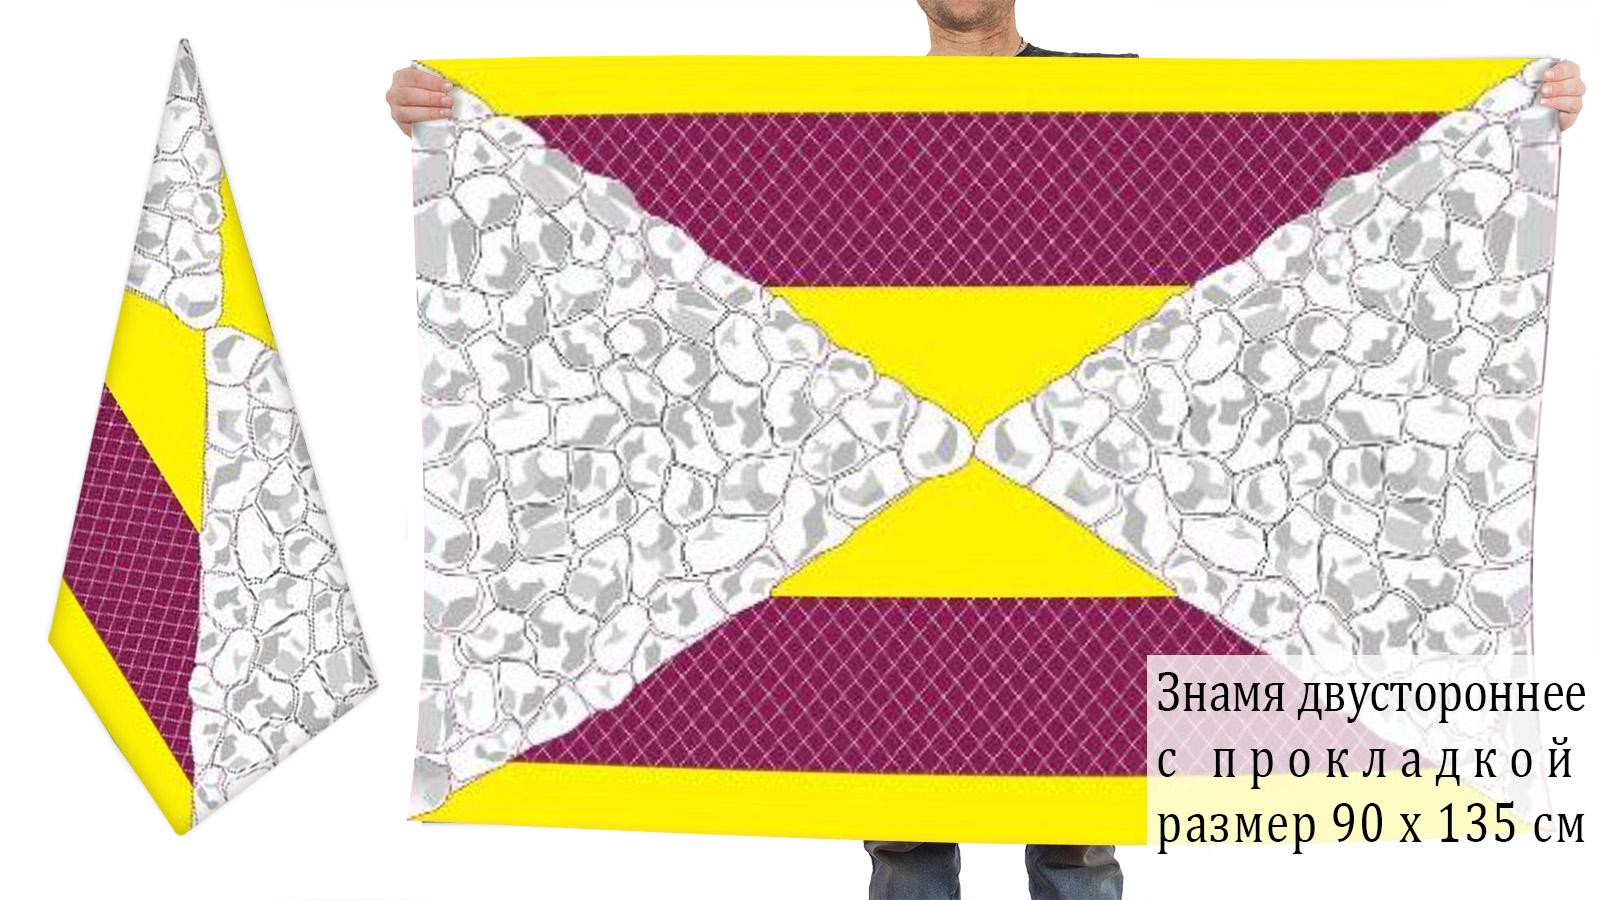 Двусторонний флаг Хорлова